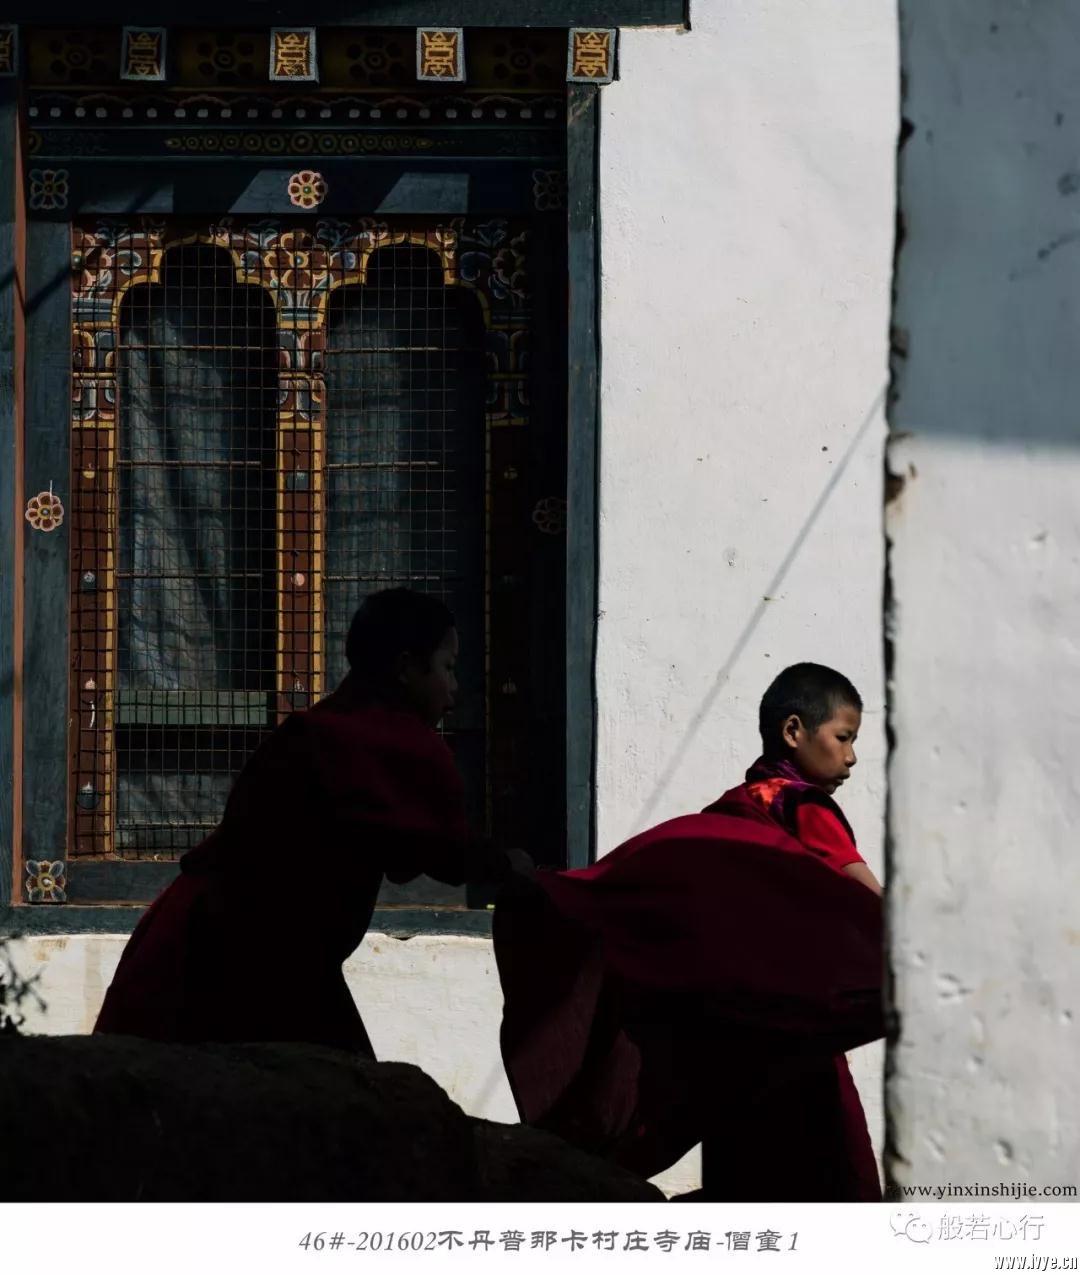 46#-201602不丹普那卡村庄寺庙-僧童1.jpg